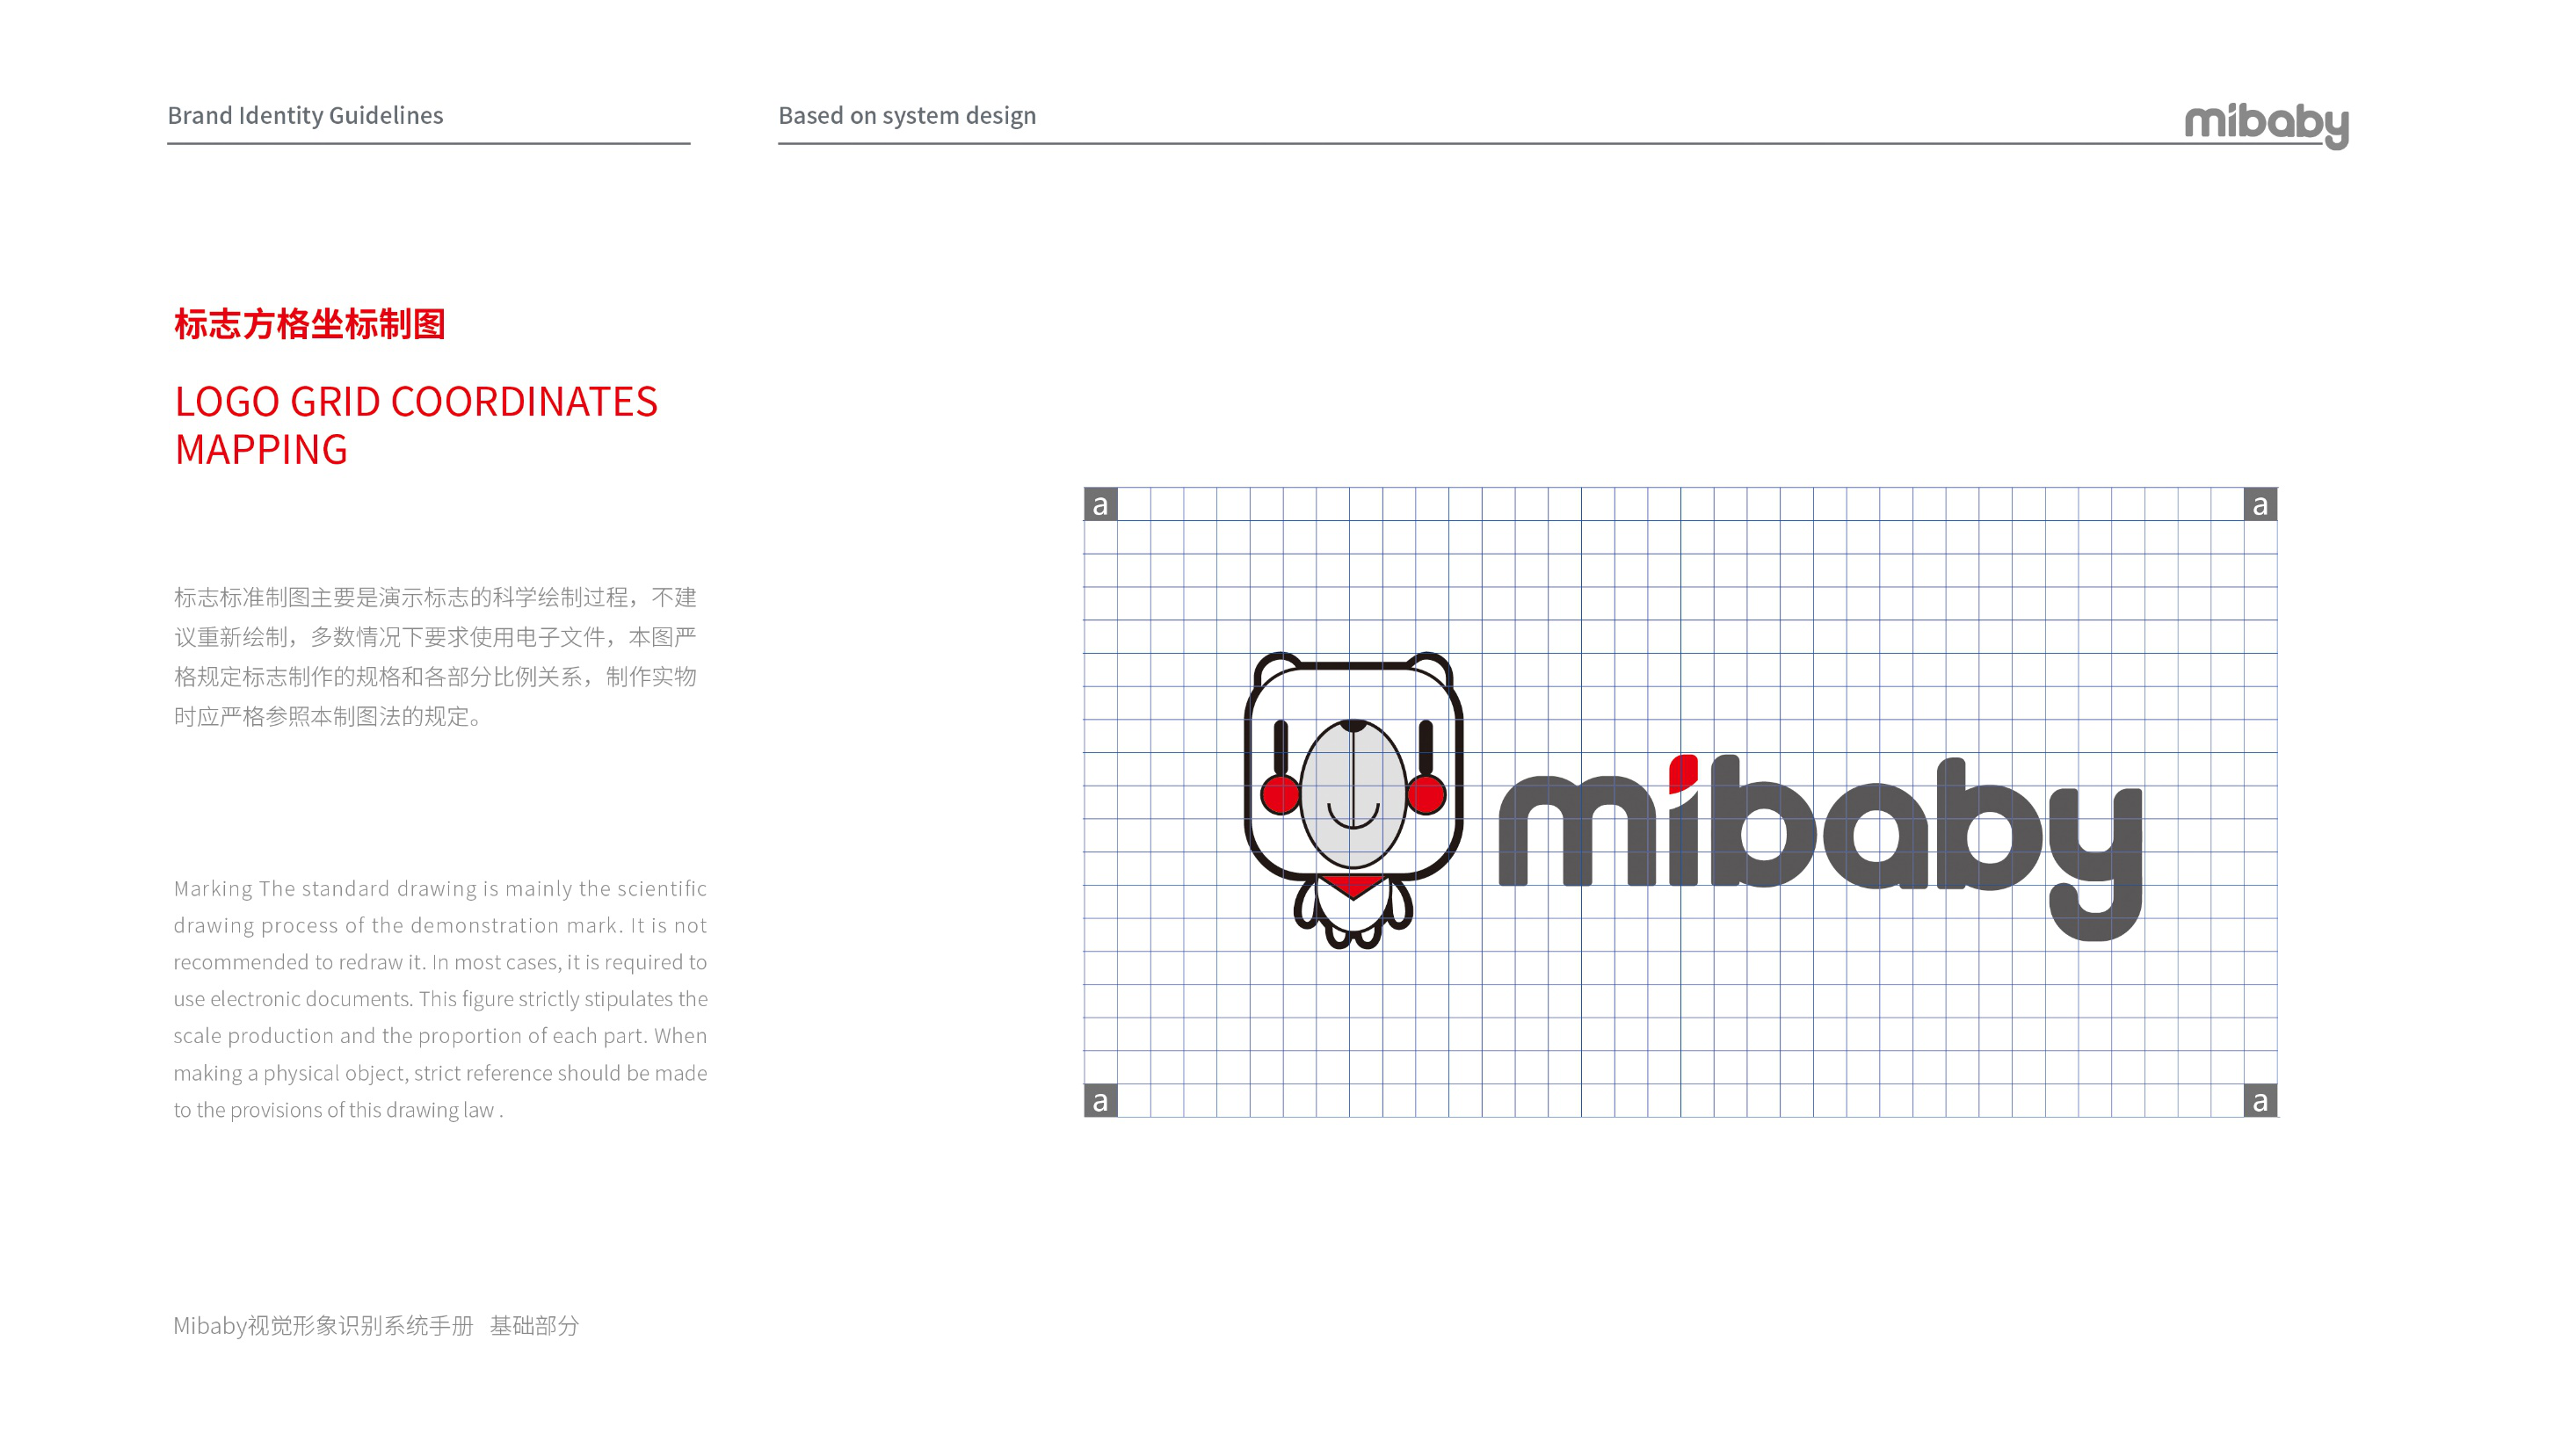 MIBABY-图片6